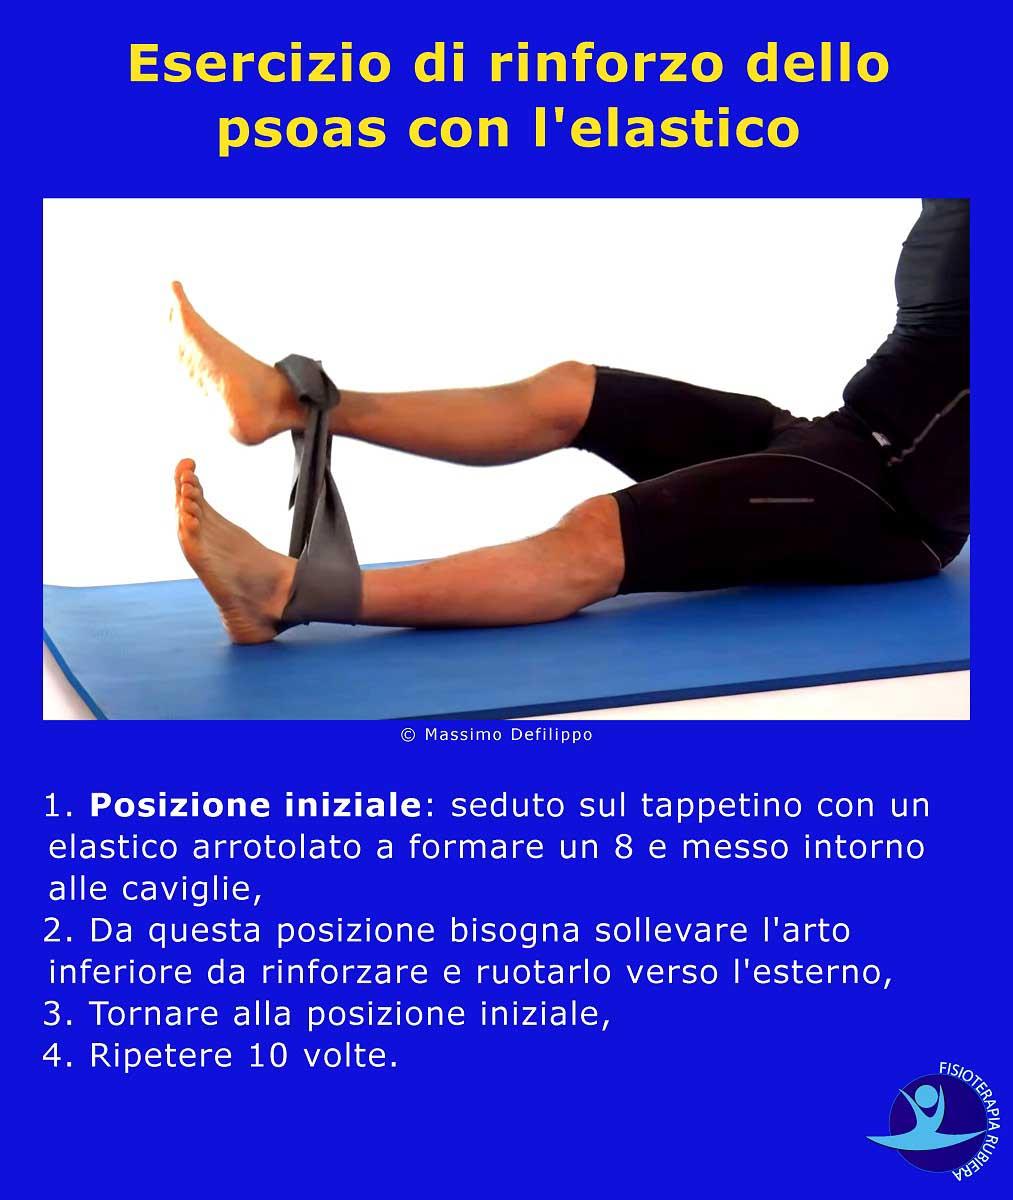 Esercizio-di-rinforzo-dello-psoas-con-elastico